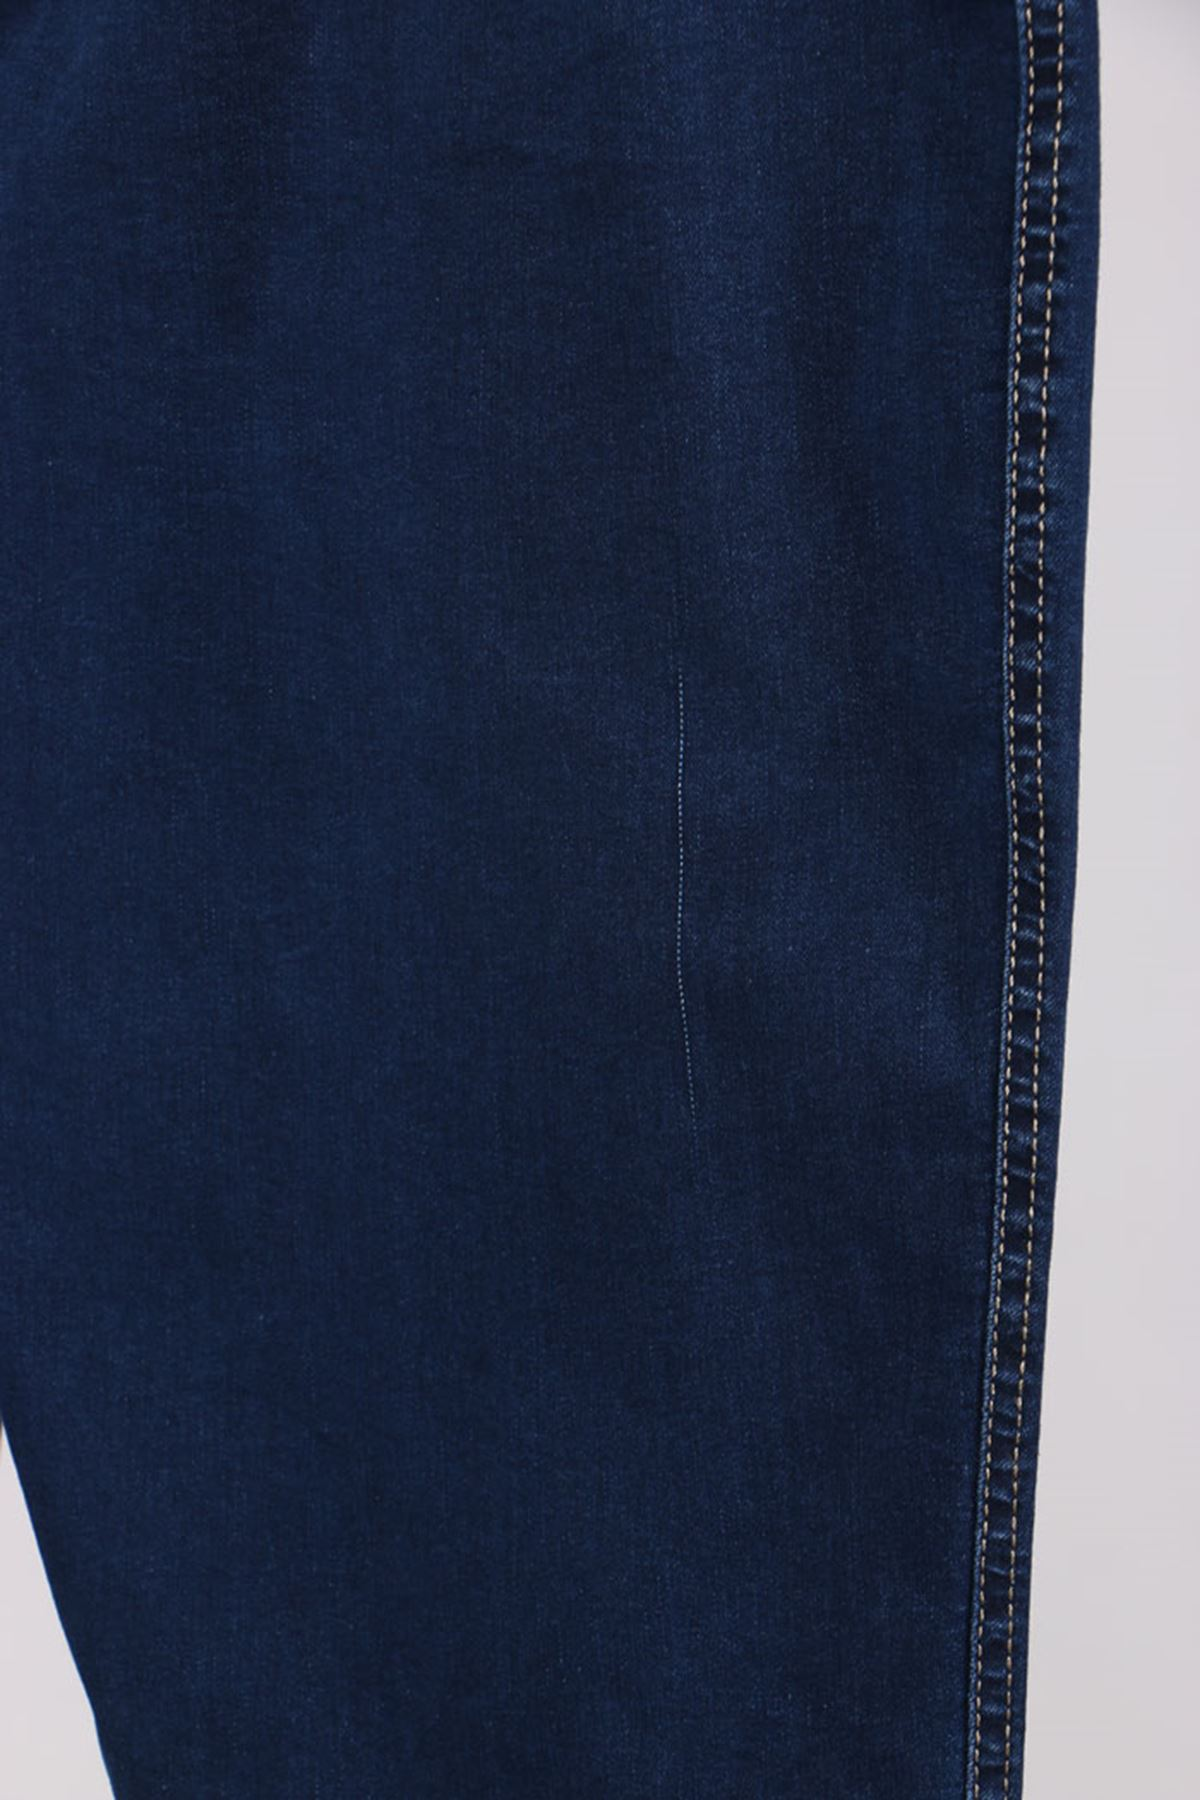 D-9109-2 Büyük Beden Defolu Beli Lastikli Dar Paça Kot Pantalon-Lacivert